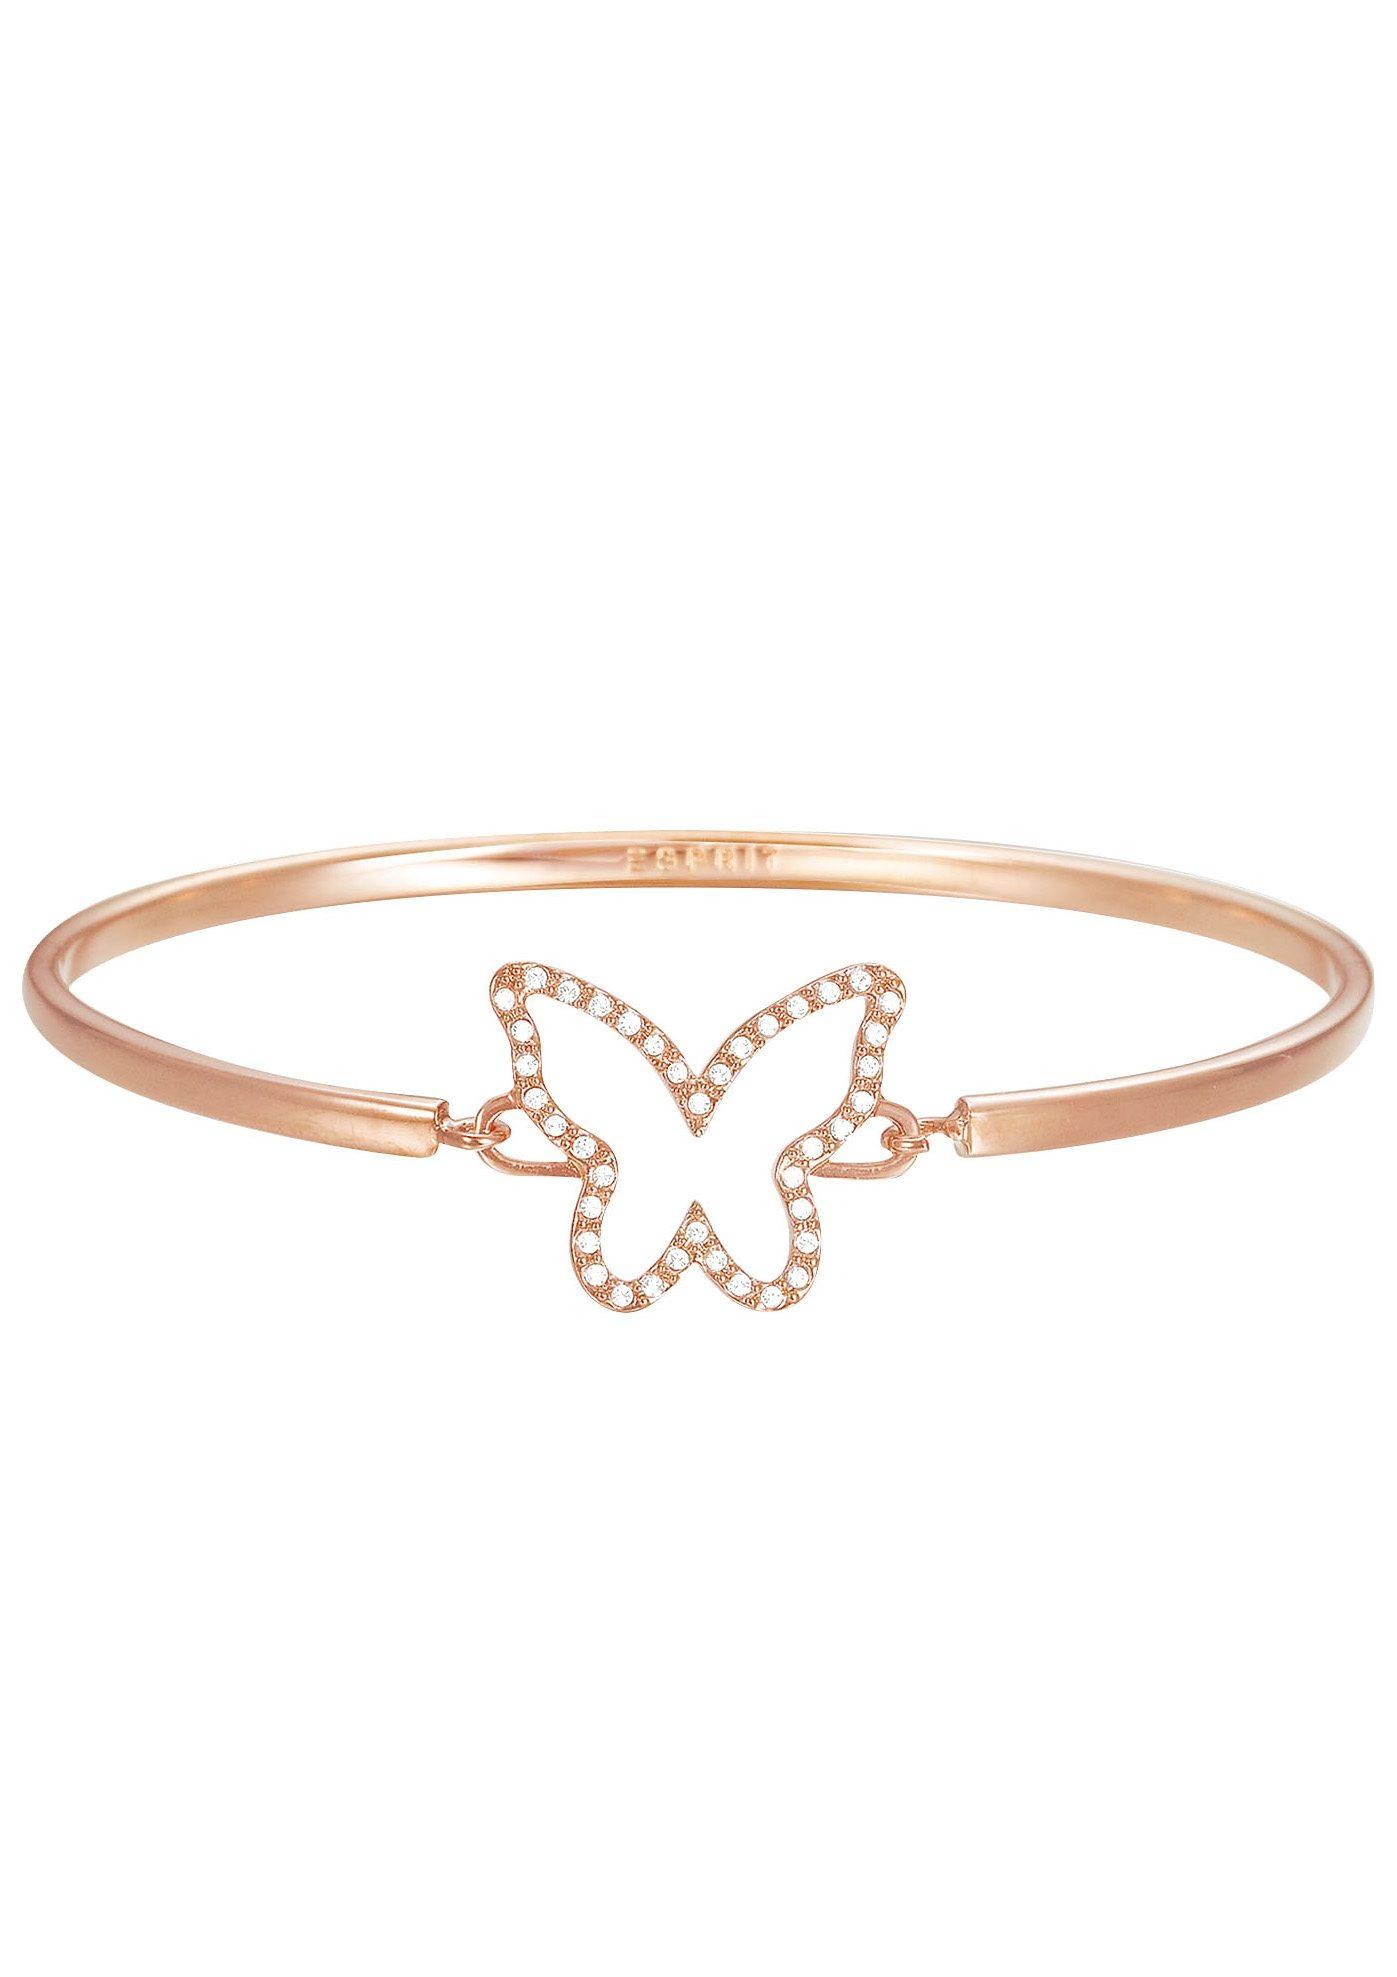 Esprit Armreif mit Strasssteinen, »Schmetterling, ESPRIT-JW50219 Rose, ESBA01179C600«